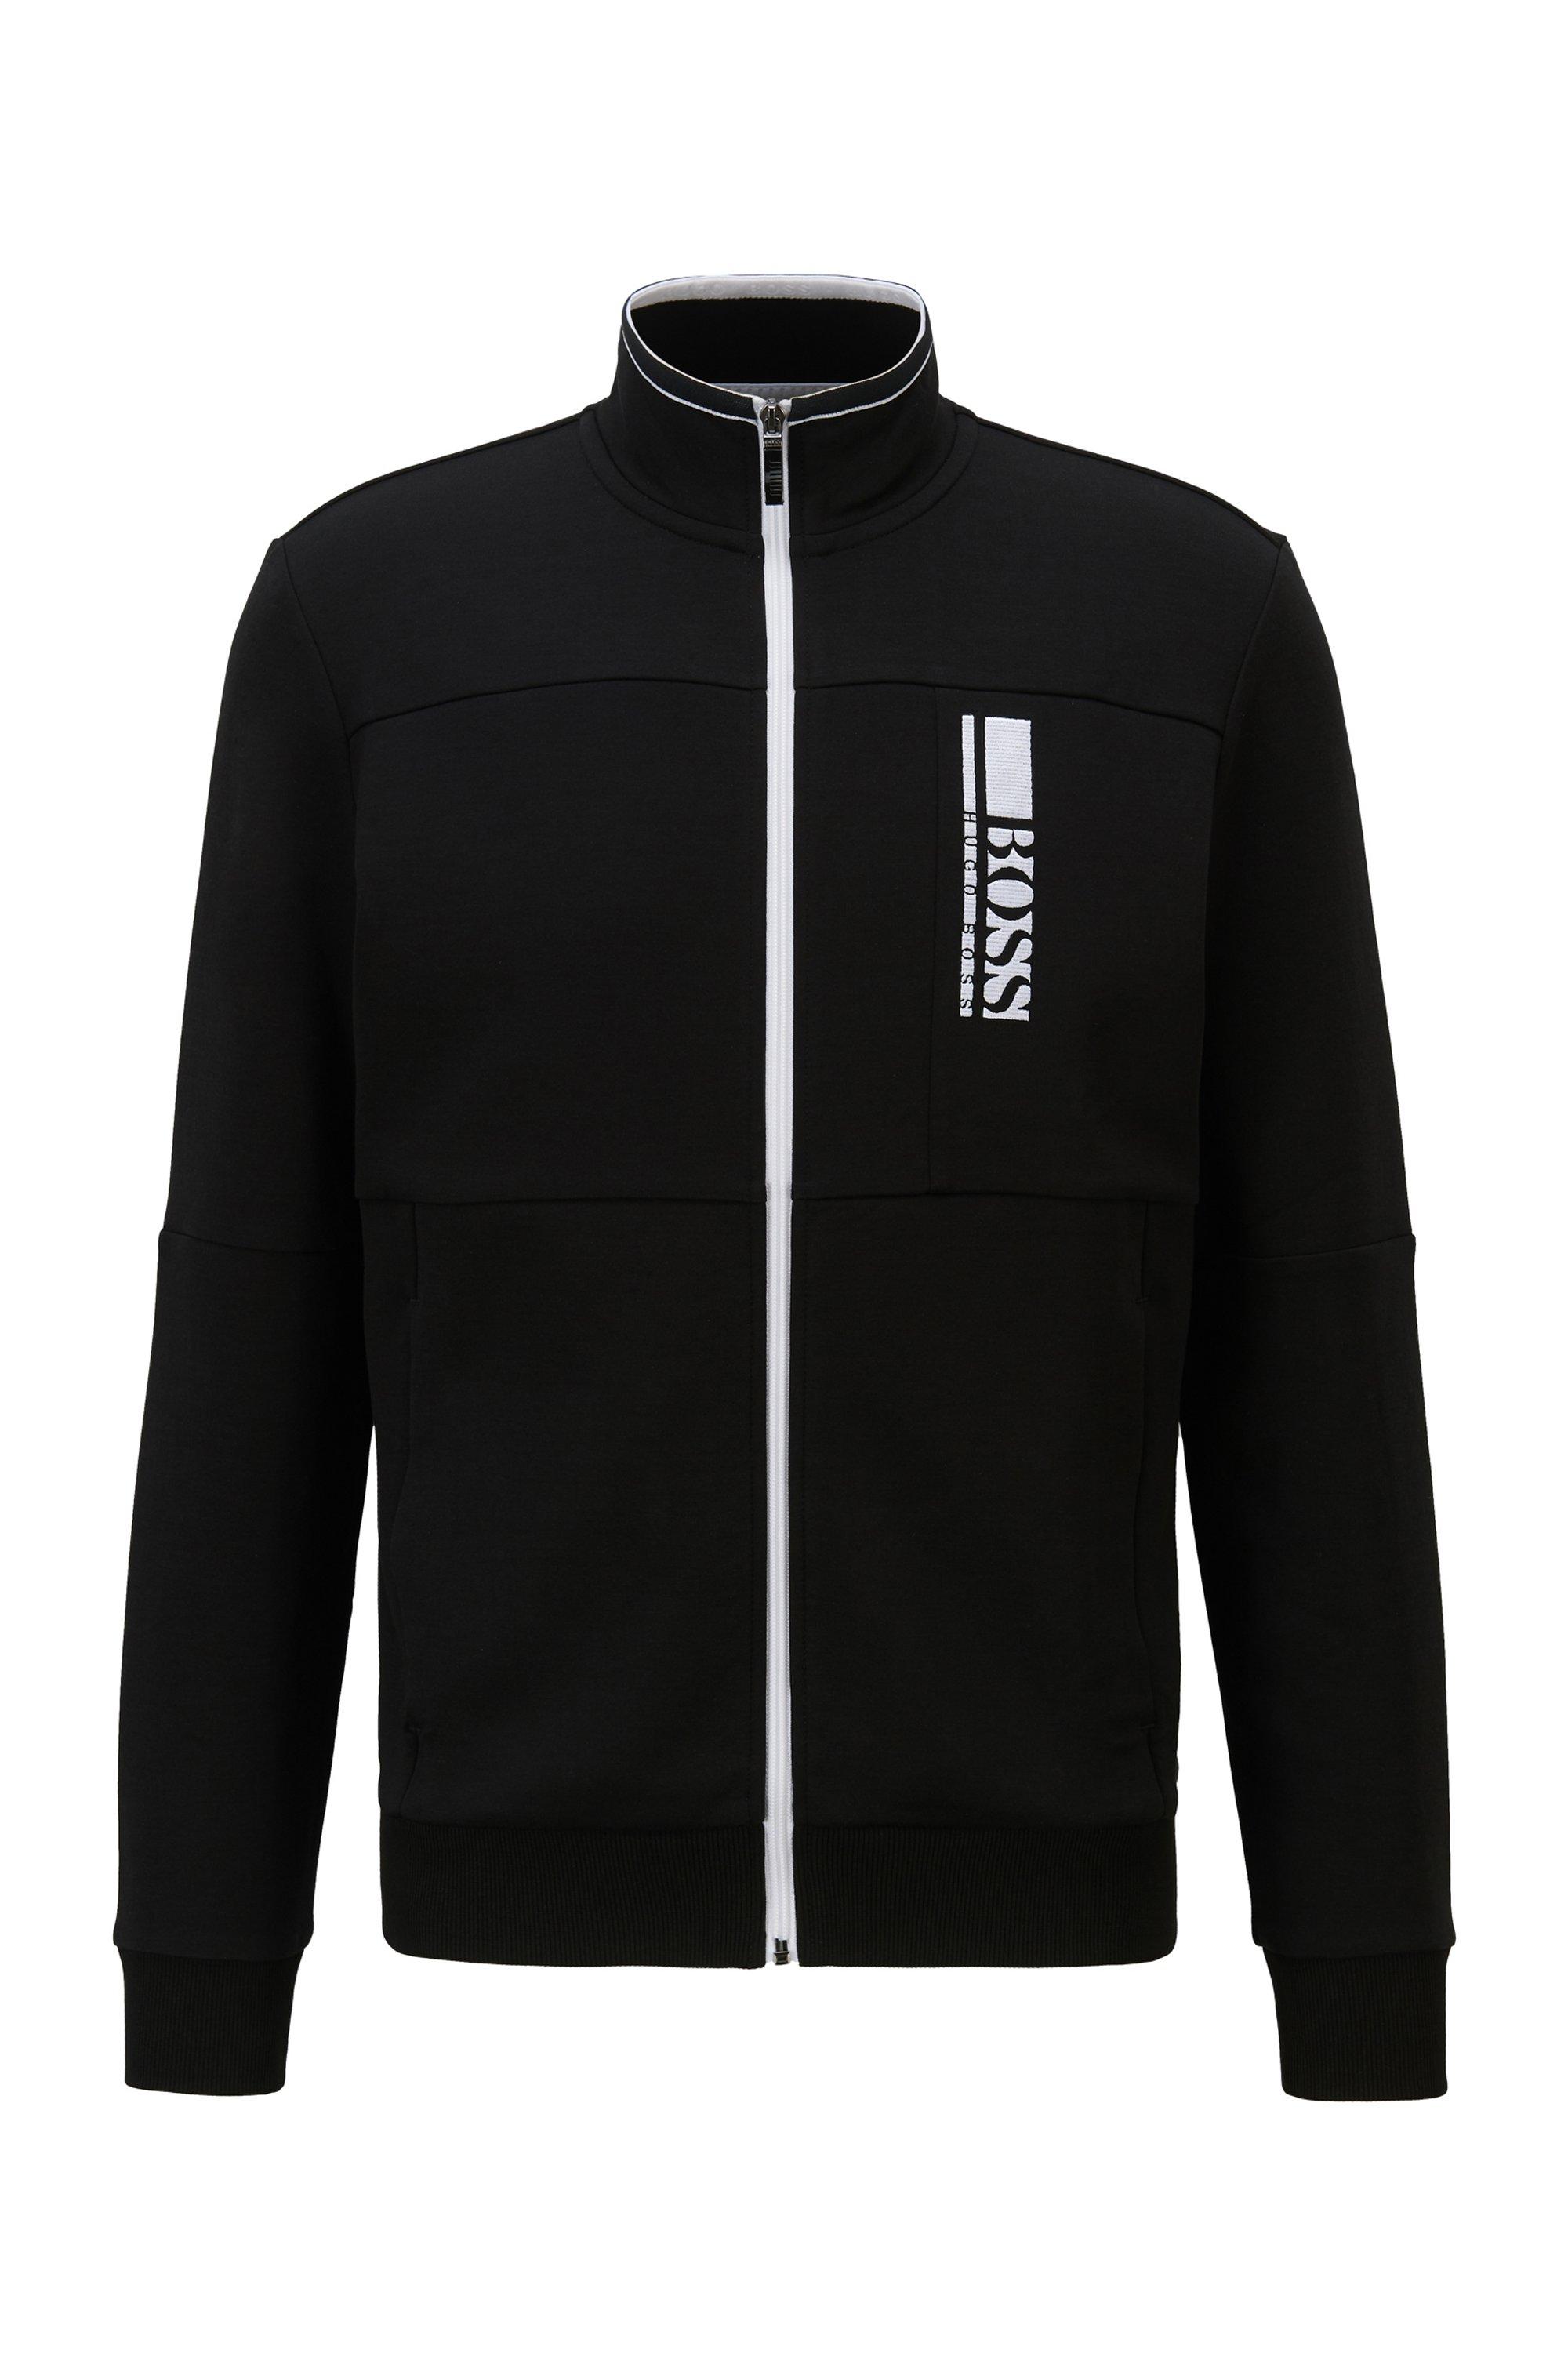 Sweat Regular Fit avec logo color block brodé, Noir